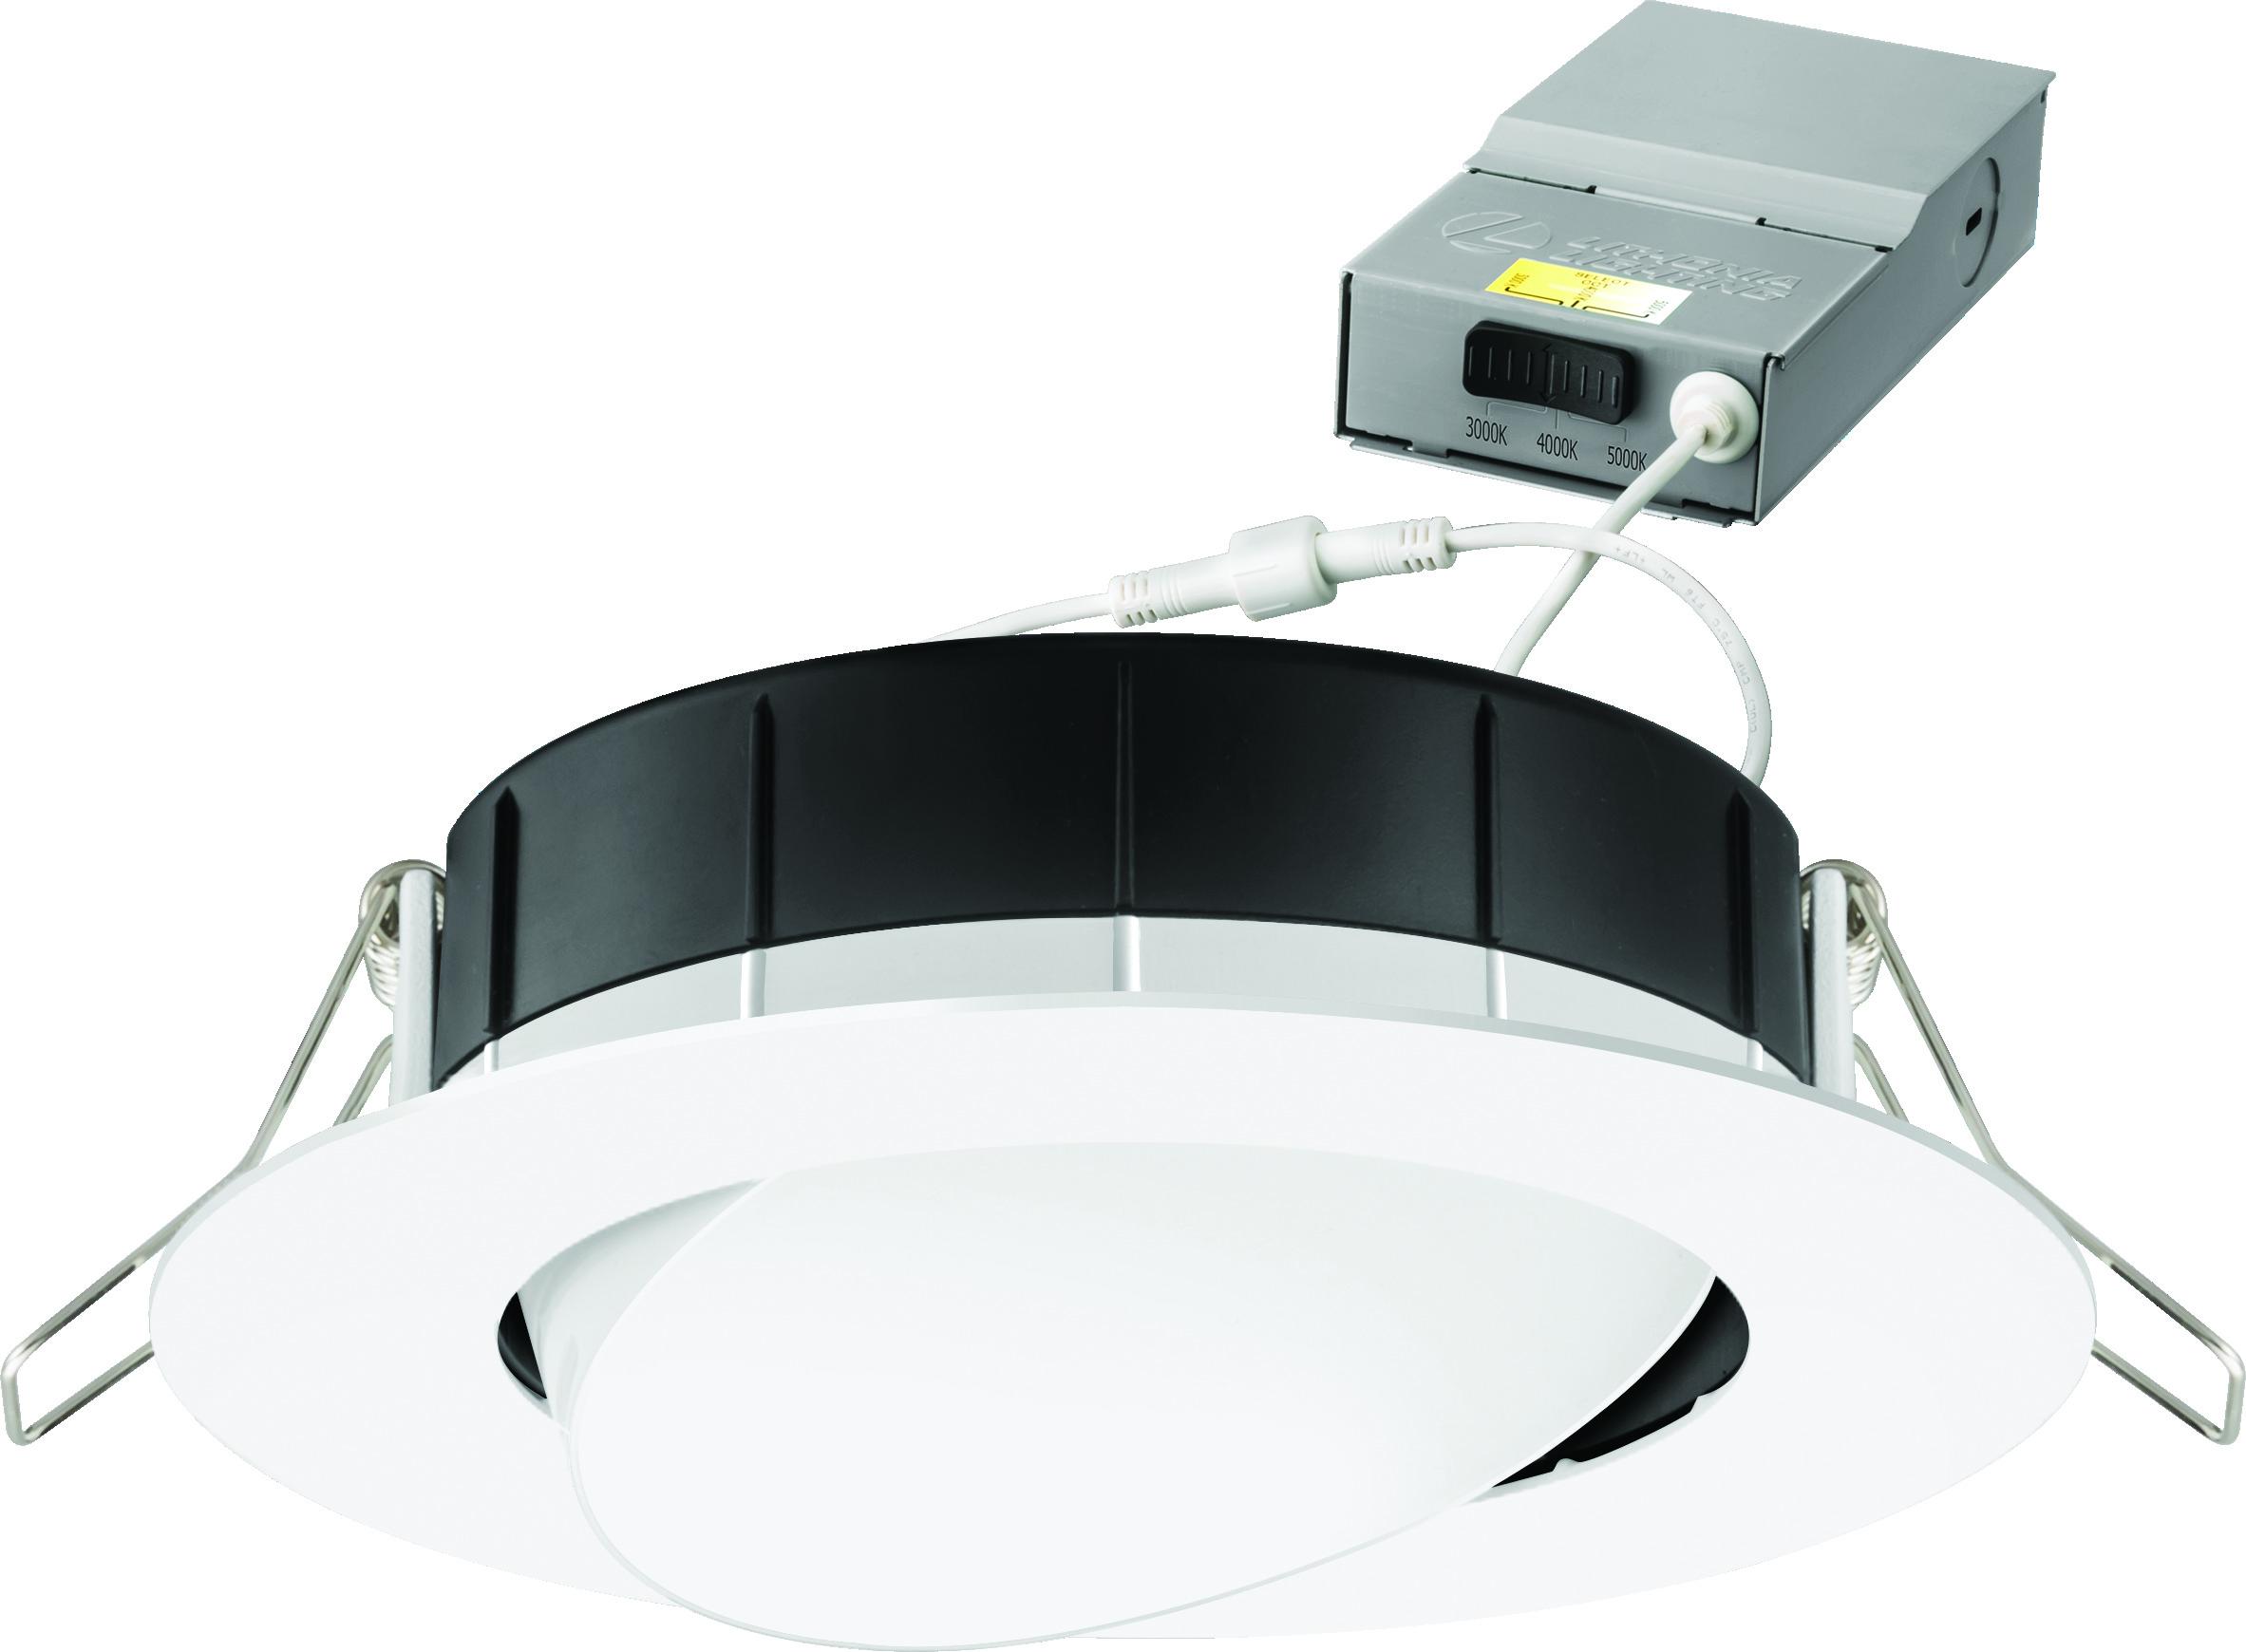 uk availability 02873 0cc27 WF4 Adjustable Gimbal with Switchable White - Wafer™ LED ...